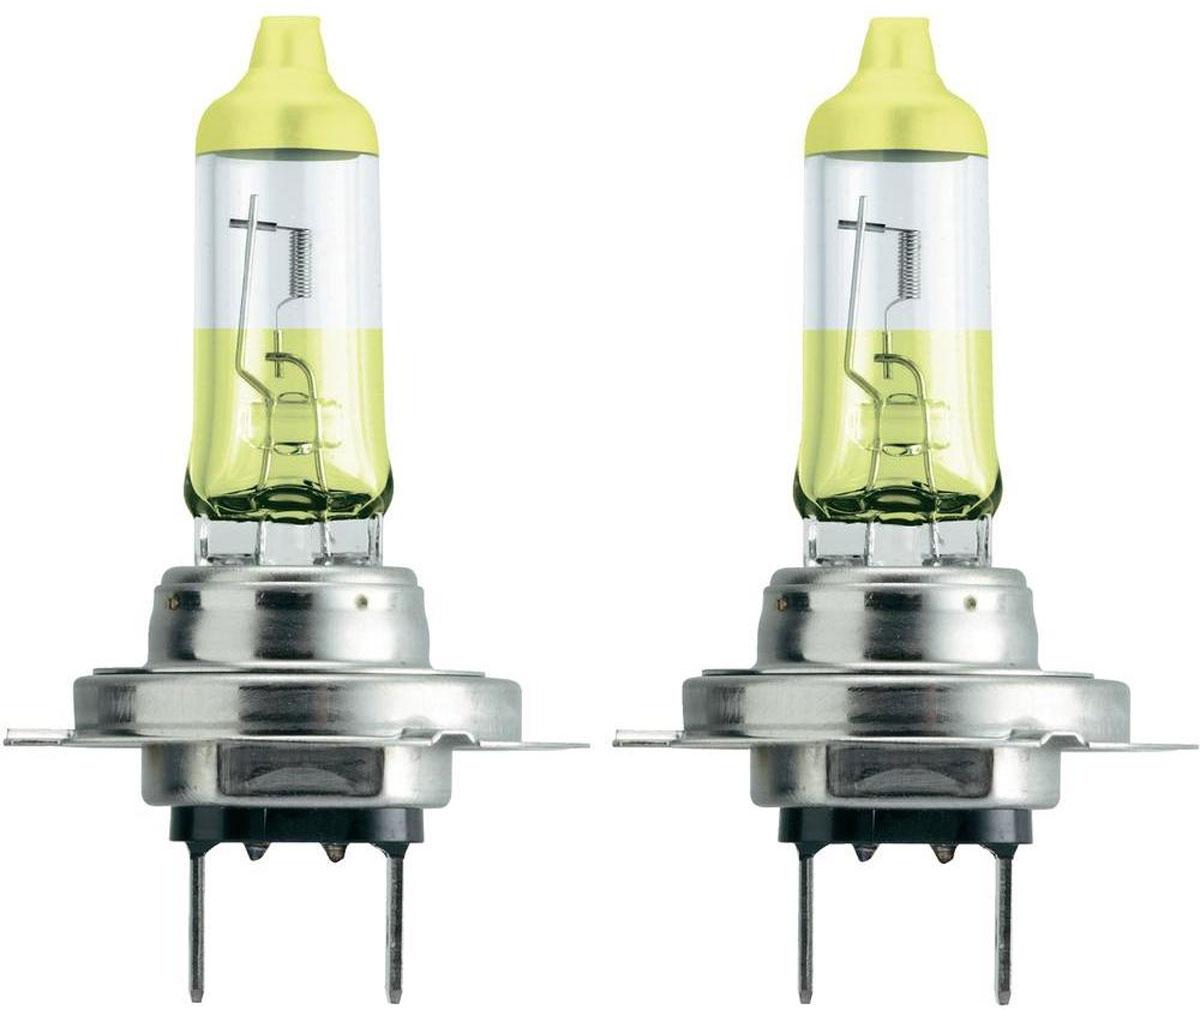 Лампа автомобильная галогенная Philips ColorVision Yellow, для фар, цоколь H7 (PX26d), 12V, 55W, 2 шт12972CVPYS2Галогенная лампа для автомобильных фар Philips ColorVision произведена из запатентованного кварцевого стекла с УФ фильтром Philips Quartz Glass. Кварцевое стекло Philips в отличие от обычного твердого стекла выдерживает гораздо большее давление смеси газов внутри колбы, что препятствует быстрому испарению вольфрама с нити накаливания. Кварцевое стекло выдерживает большой перепад температур, при попадании влаги на работающую лампу изделие не взрывается и продолжает работать. Лампа ColorVision придает автомобильной фаре желтый оттенок, при этом она излучает яркий белый свет. Лампа отражает свет, направляя его через оптические элементы, и создает интересные цветные эффекты. Такие лампы обеспечивают на 60% больше света и увеличивают видимость до 25 метров (по сравнению с обычными лампами). Эти инновационные цветные автомобильные лампы сертифицированы для использования на дорогах. Они соответствуют европейским стандартам и обеспечивают прекрасное освещение, излучая...